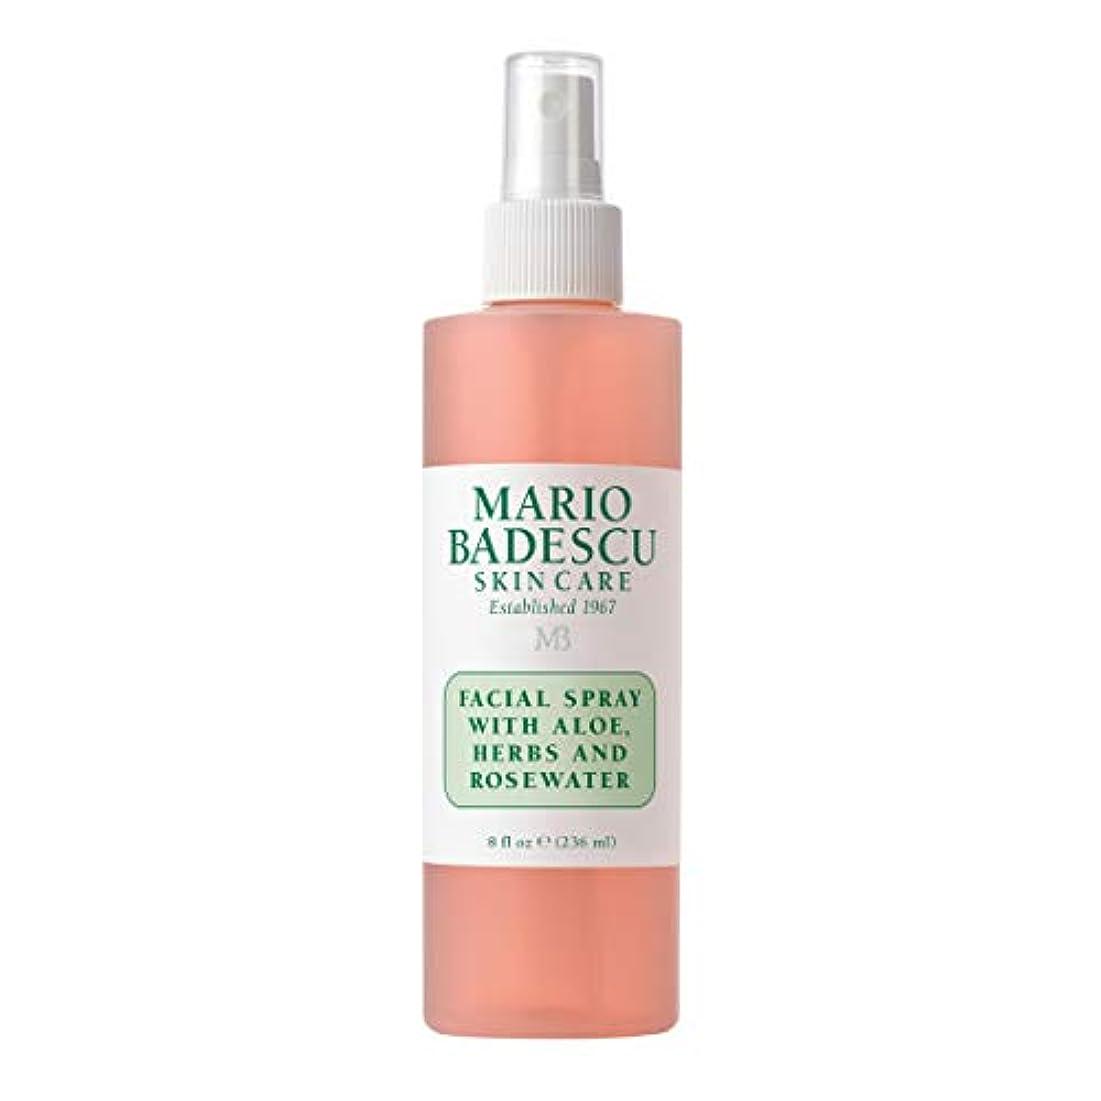 夜明けに引き金深さマリオ バデスク Facial Spray with Aloe, Herbs & Rosewater - For All Skin Types 236ml/8oz並行輸入品